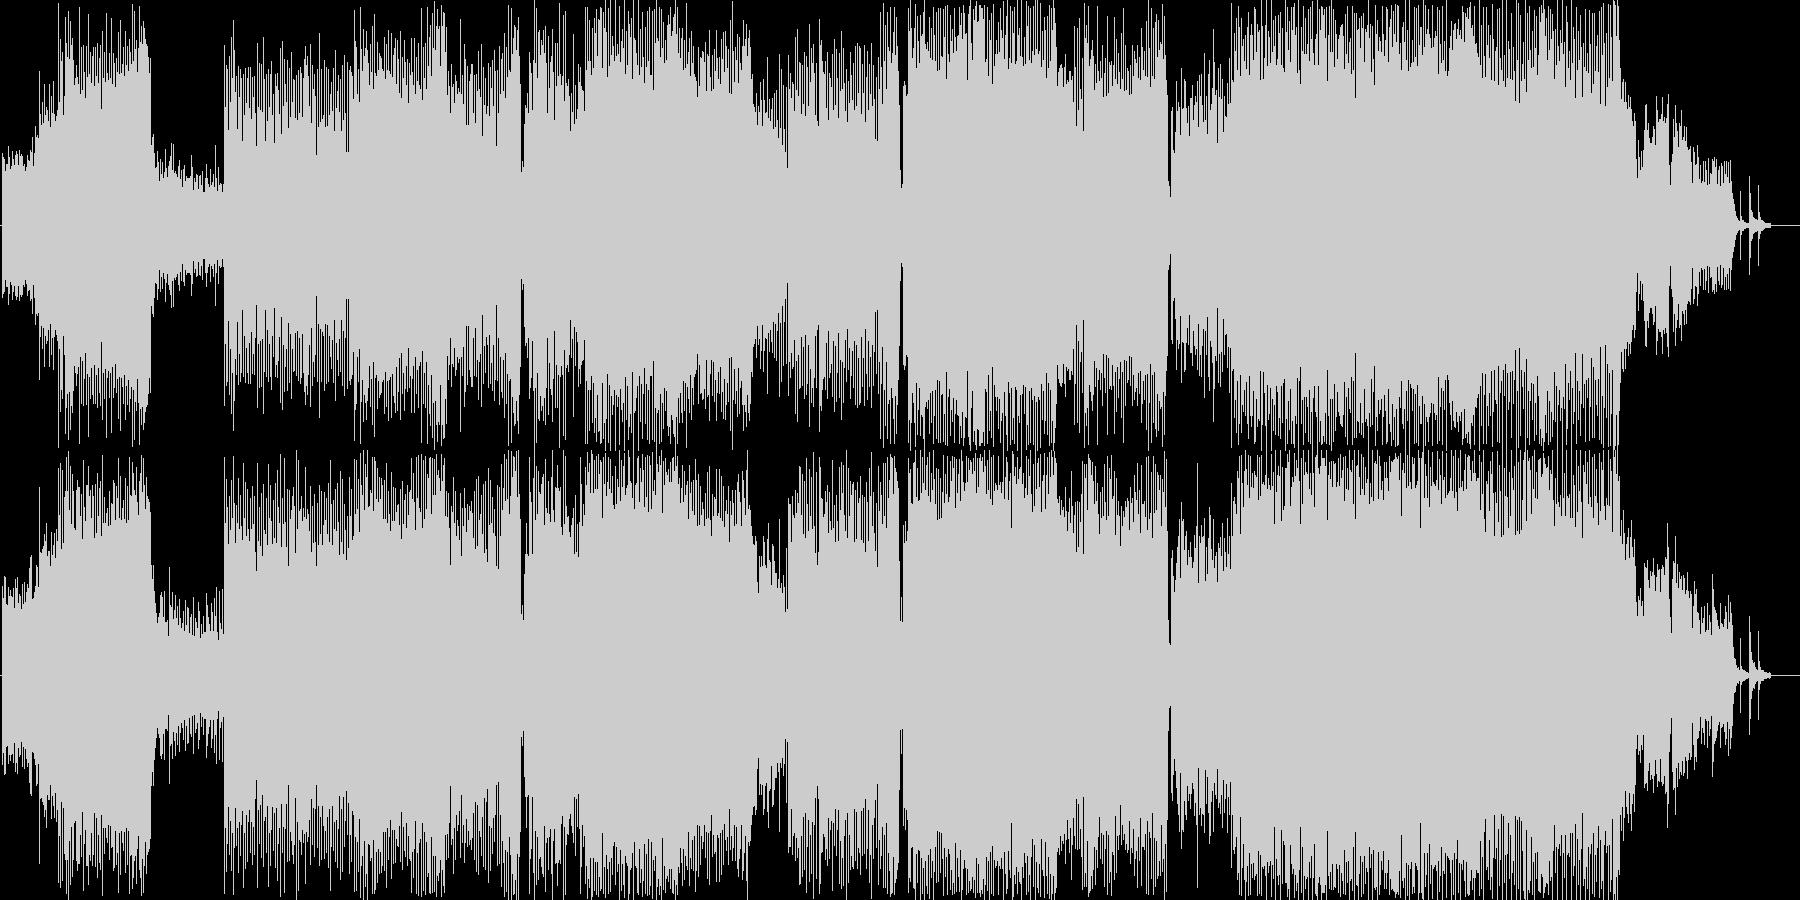 おしゃれクールな洋楽的EDMサウンドの未再生の波形